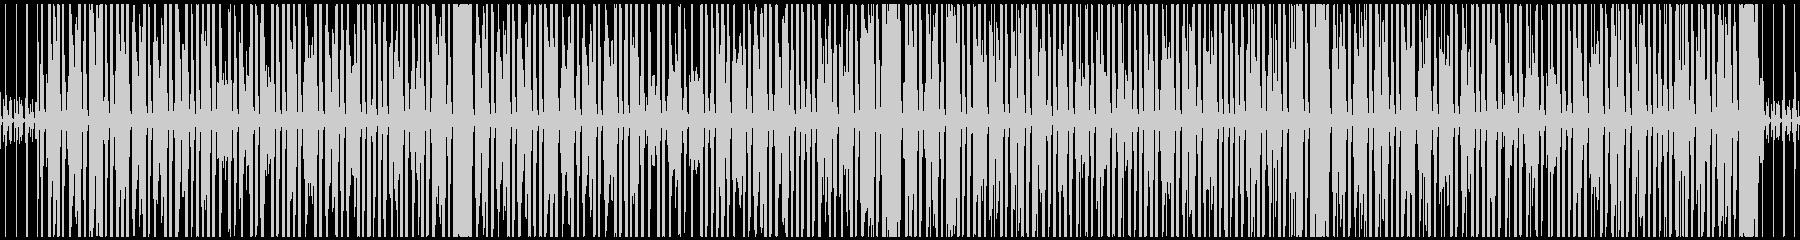 【ループ対応】陽気・軽快 アコギブルースの未再生の波形